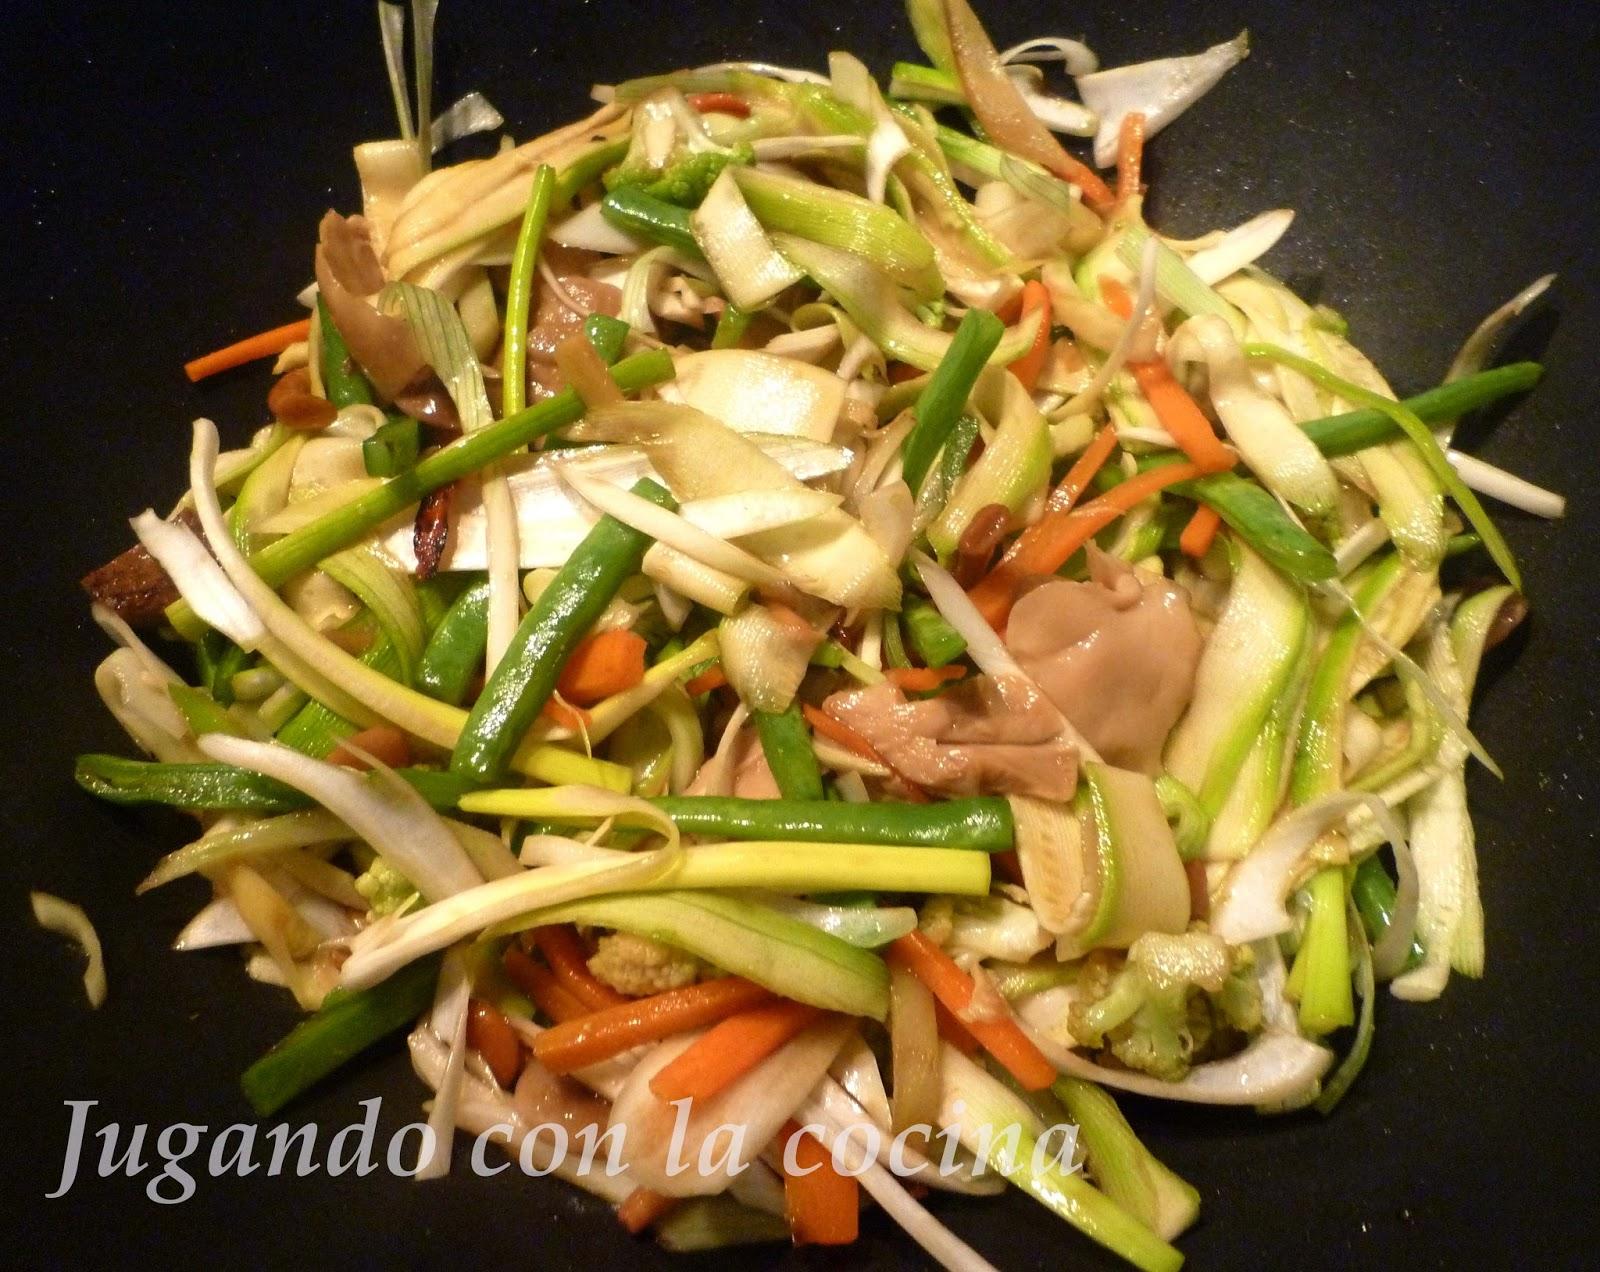 Jugando con la cocina wok oriental de verduras for Cocinar wok